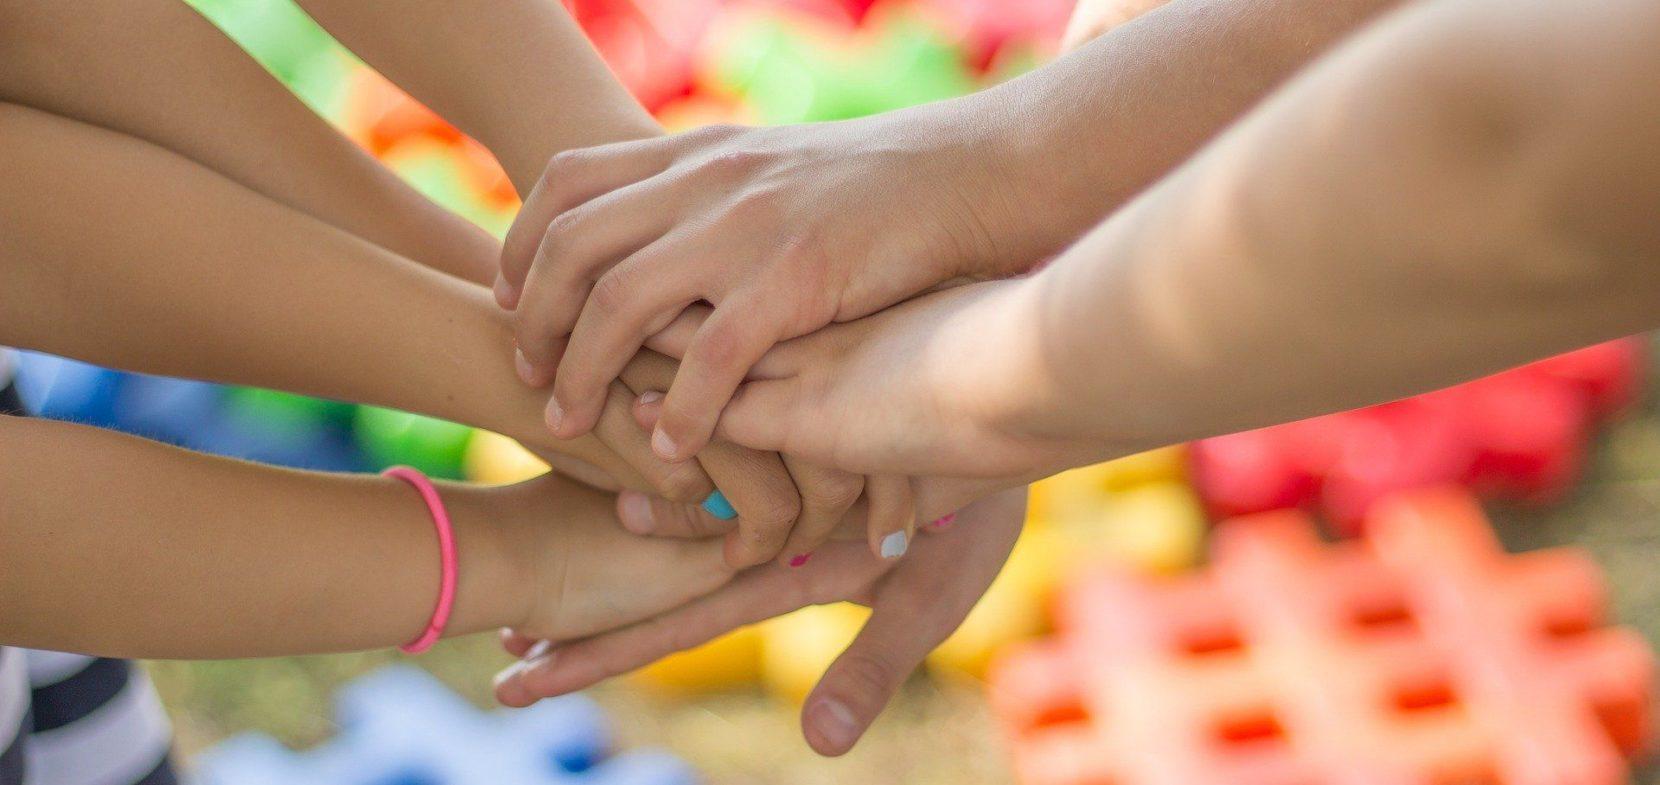 Gemeindepädagogik